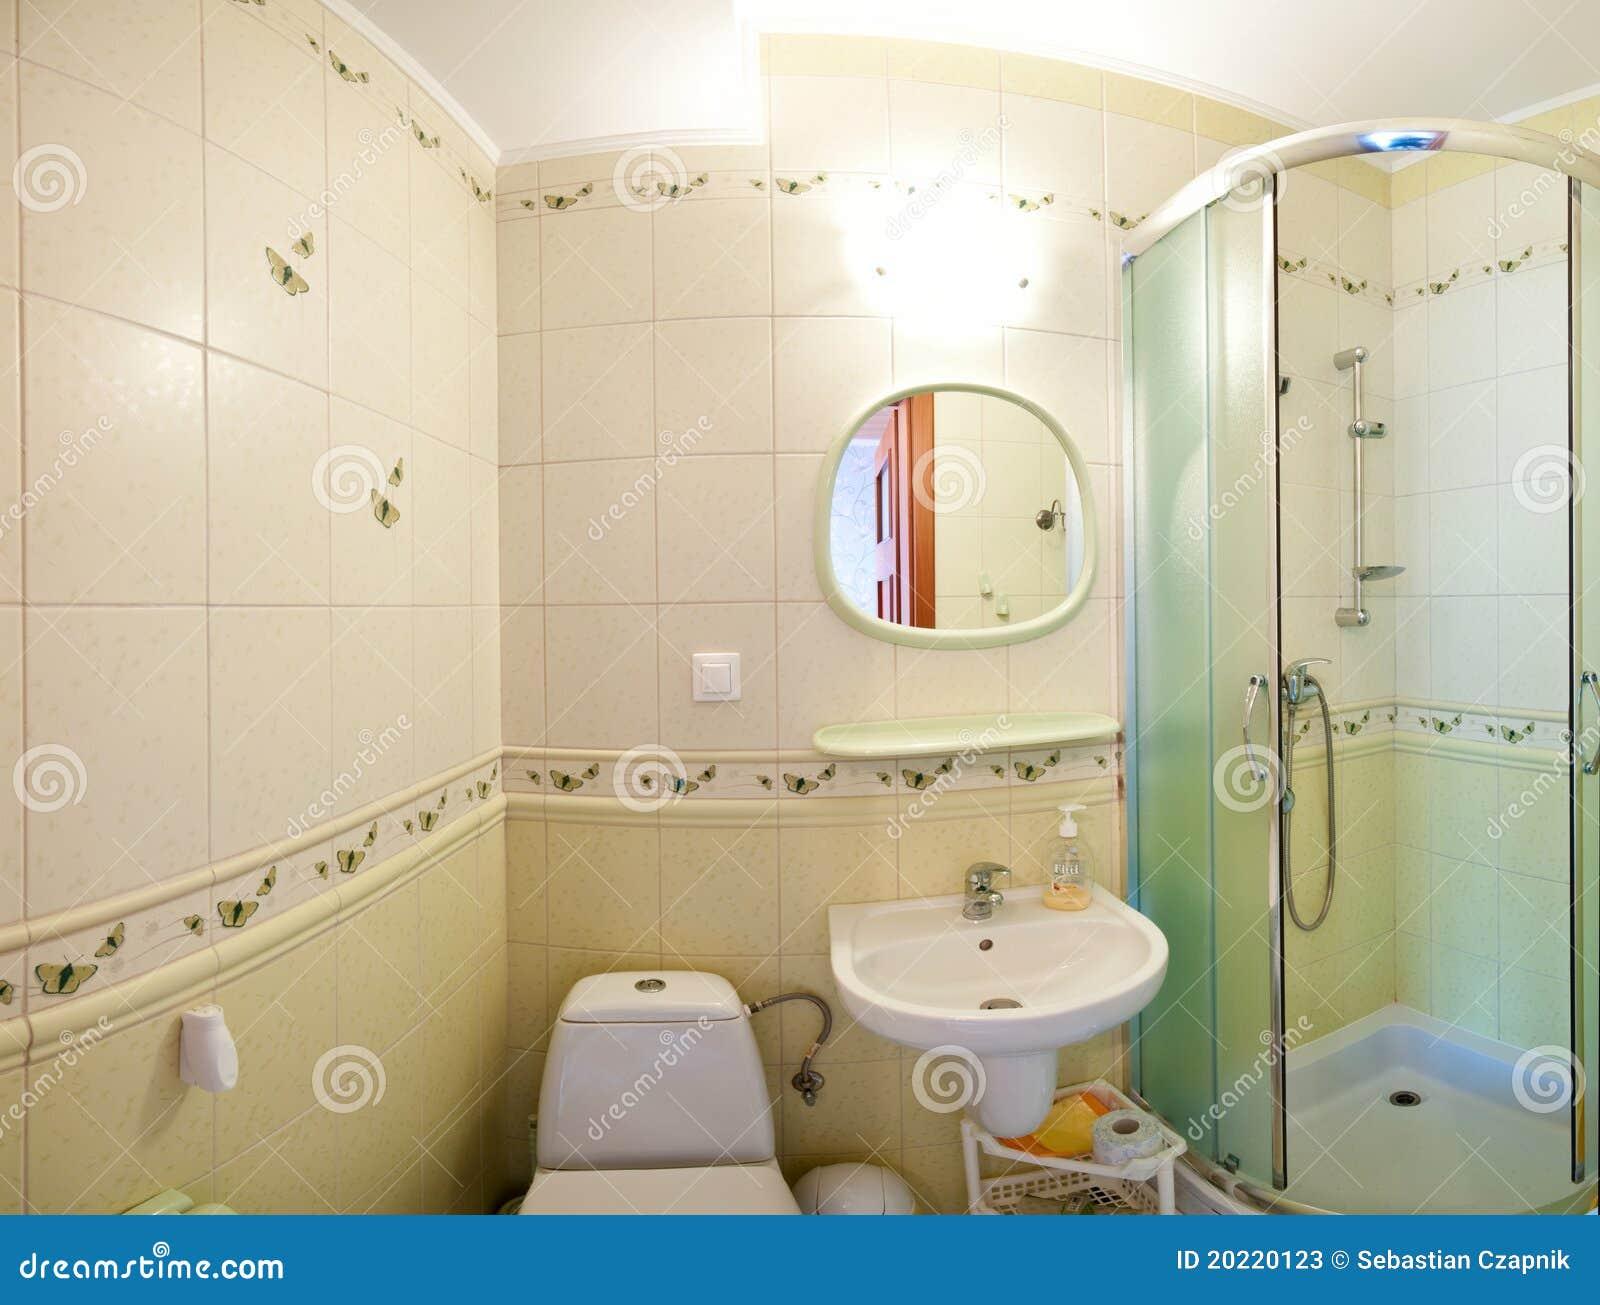 Imagens de #664E28 Banheiro Verde Fotos de Stock Imagem: 20220123 1300x1077 px 3596 Banheiros Verdes Fotos